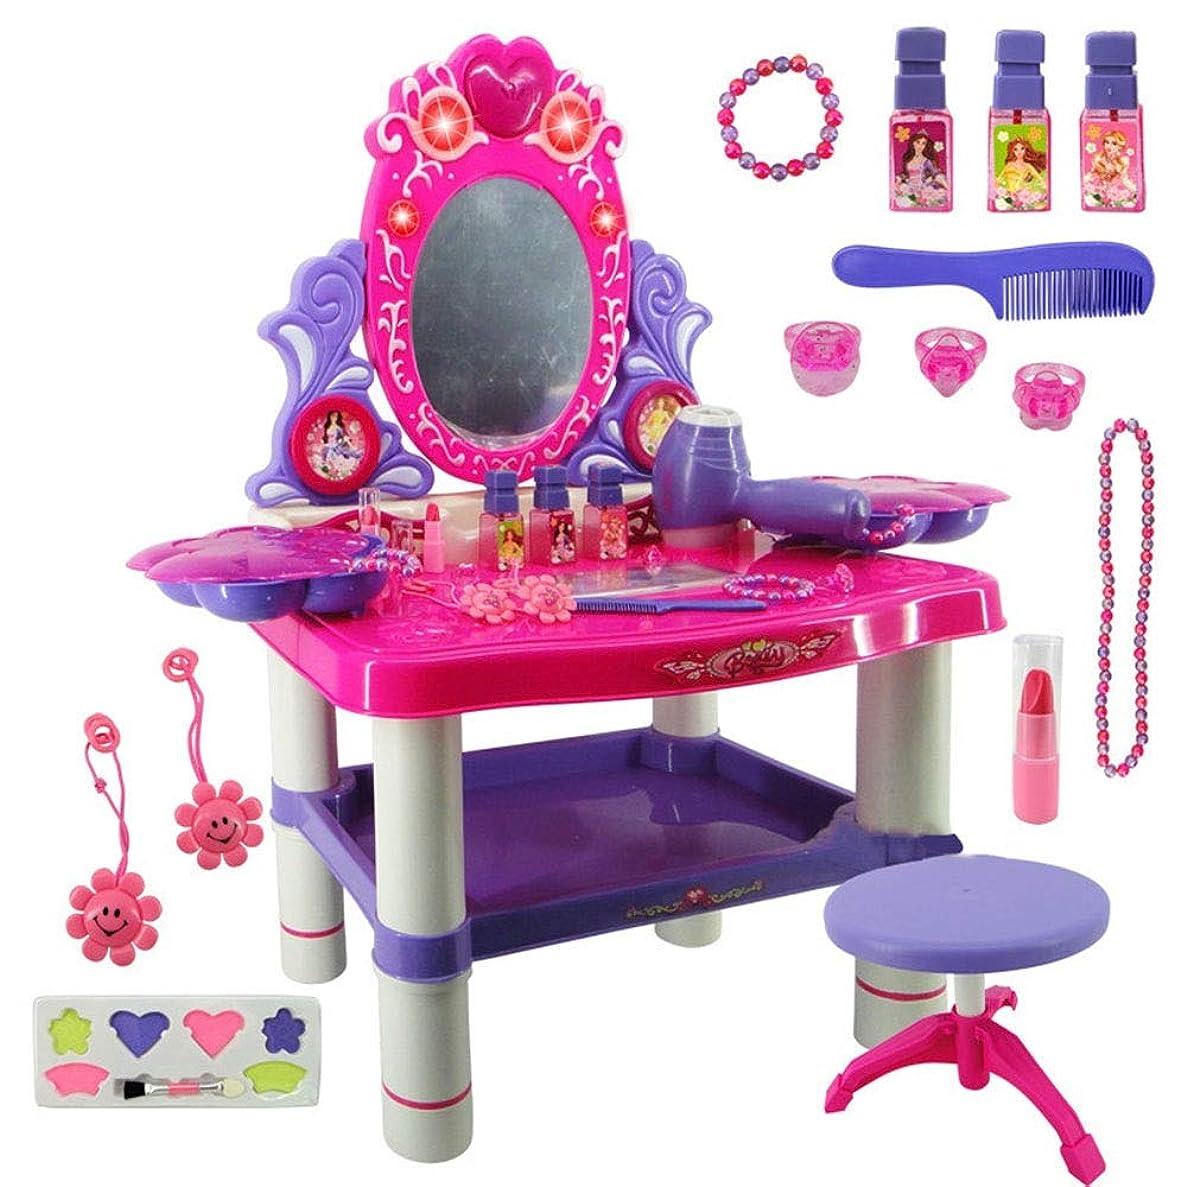 友情とにかく電卓キッズドレッシングテーブル ピンクの夢のような子幼児ファンタジー虚栄心の美しさドレッサーテーブルのおもちゃ 子供向けギフト (Color : Pink, Size : 62*33*64.5CM)